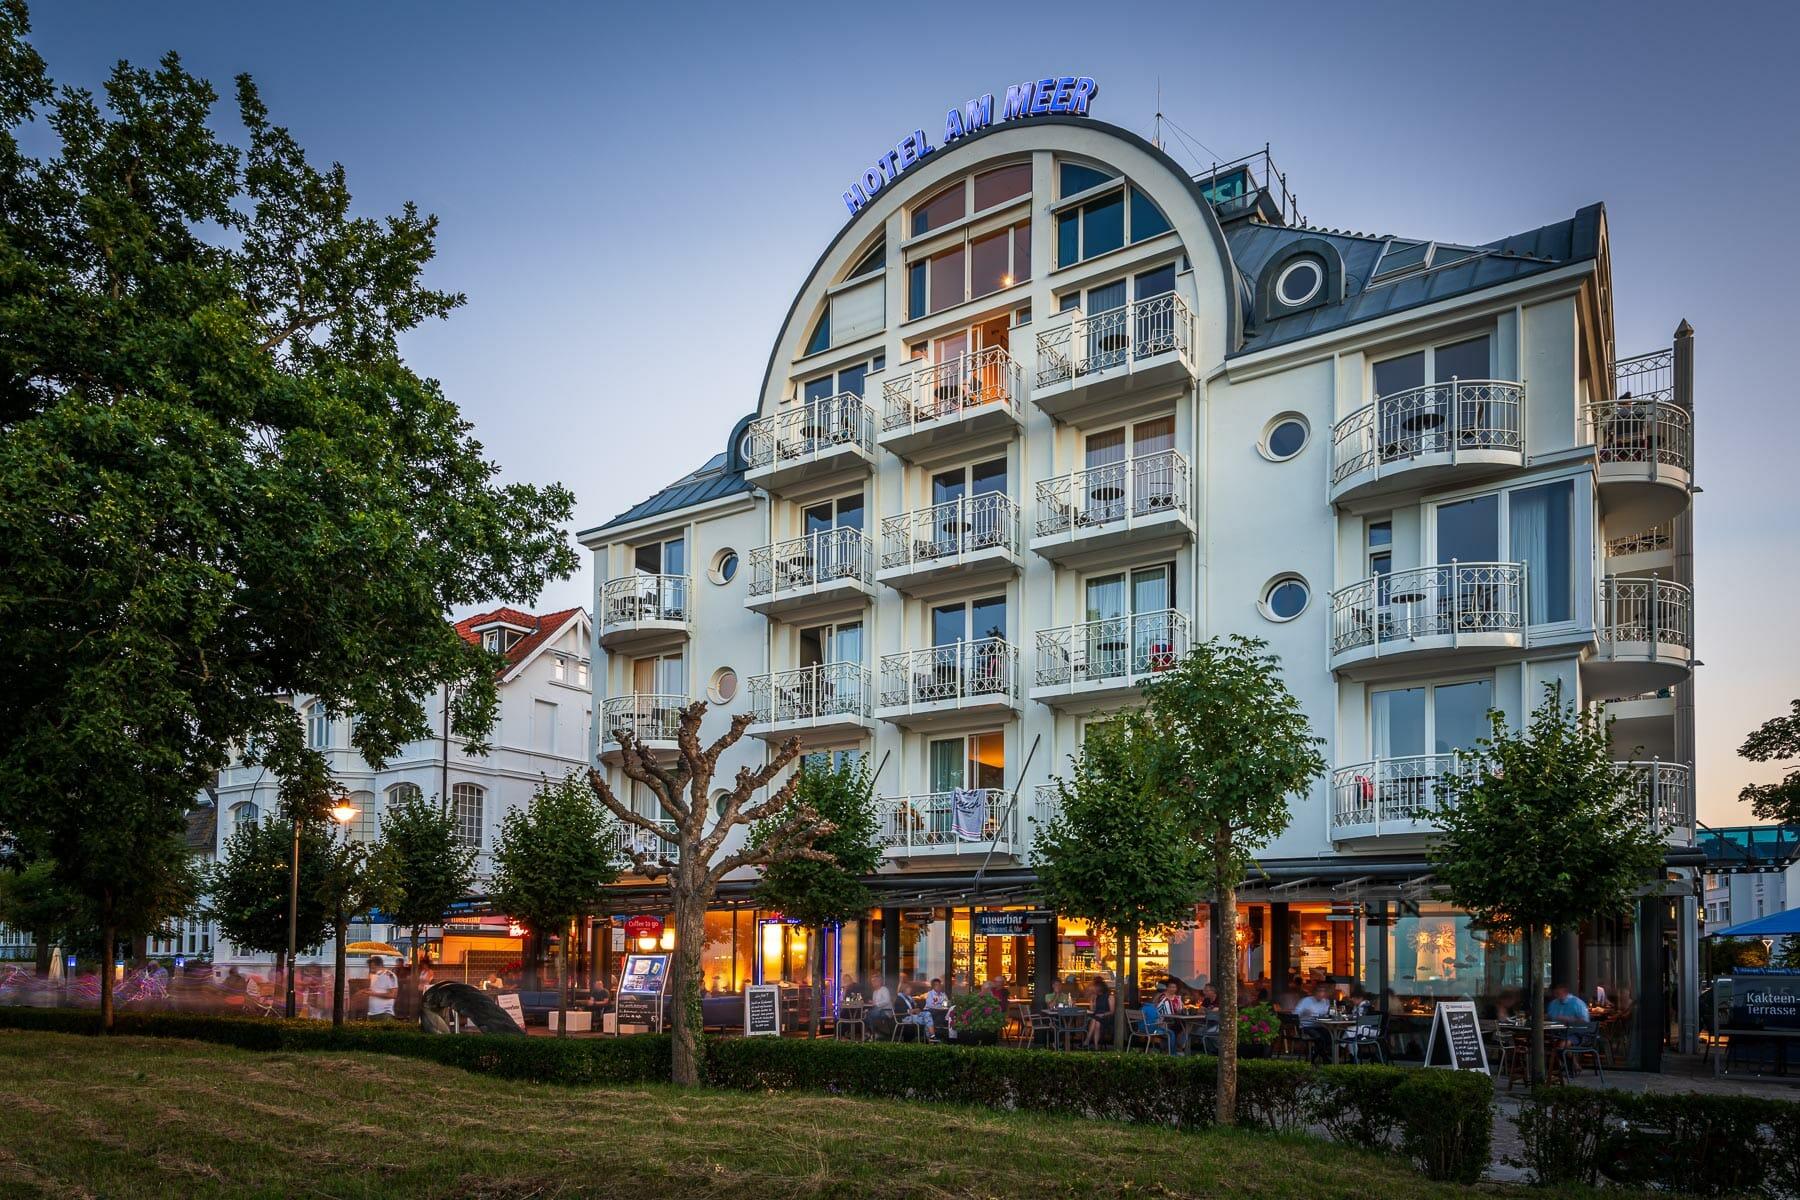 Hotel Fotoshooting, Hotelfotograf, Mecklenburg-Vorpommern, Deutschland, Hotelfotos, Tourismus, Werbefotos. Storytelling, Fotostory